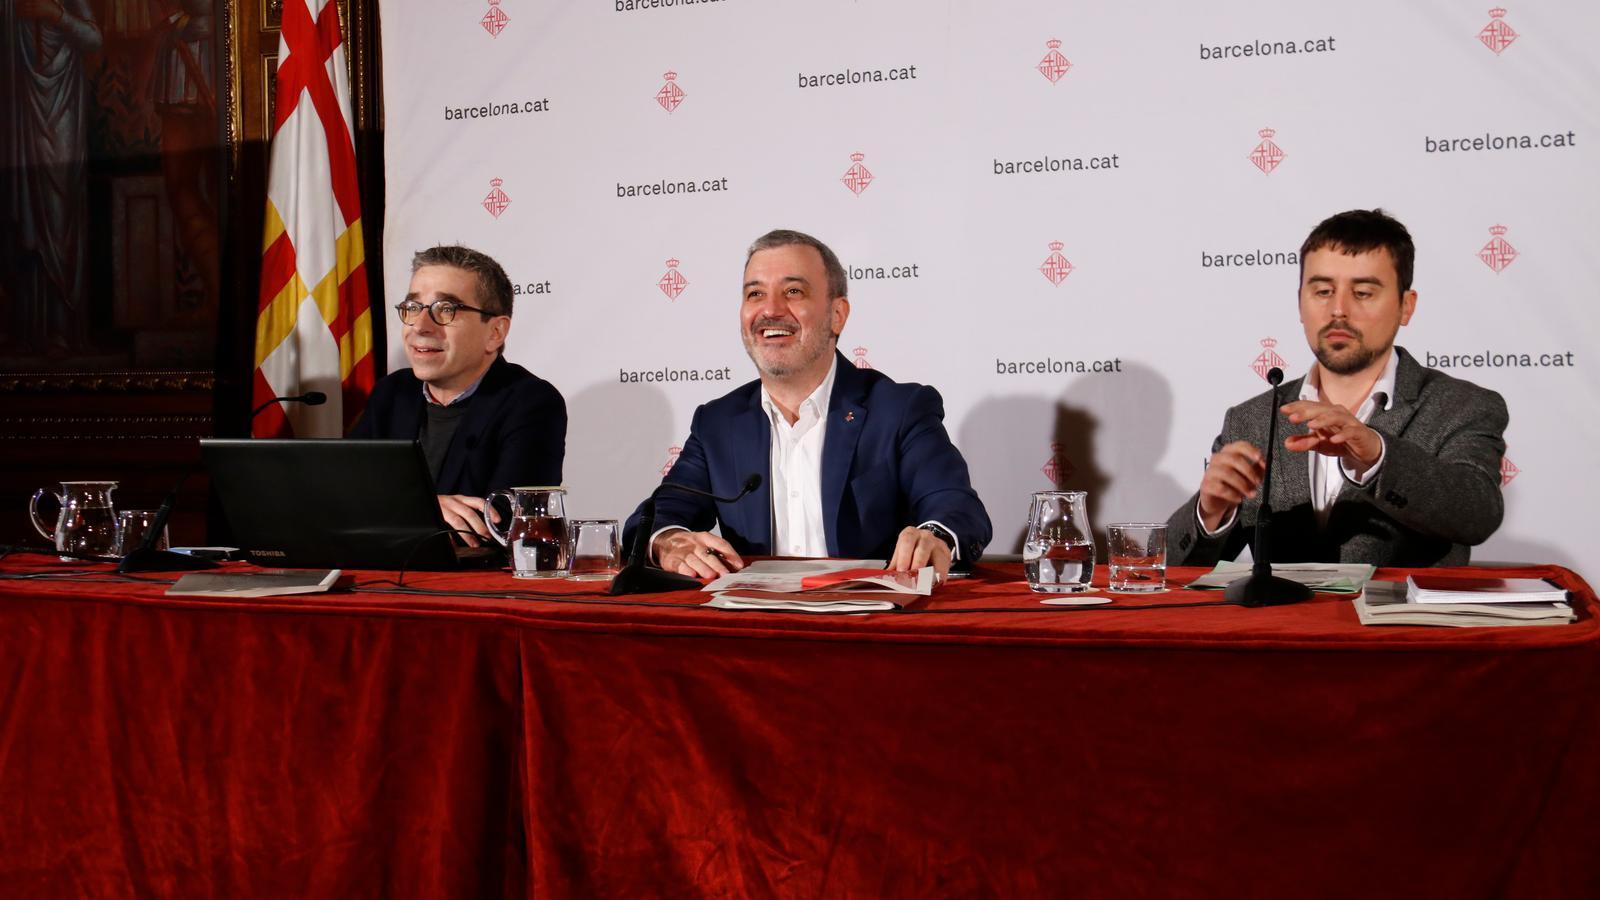 Els regidors Jordi Martí, Jaume Collboni i Marc Serra